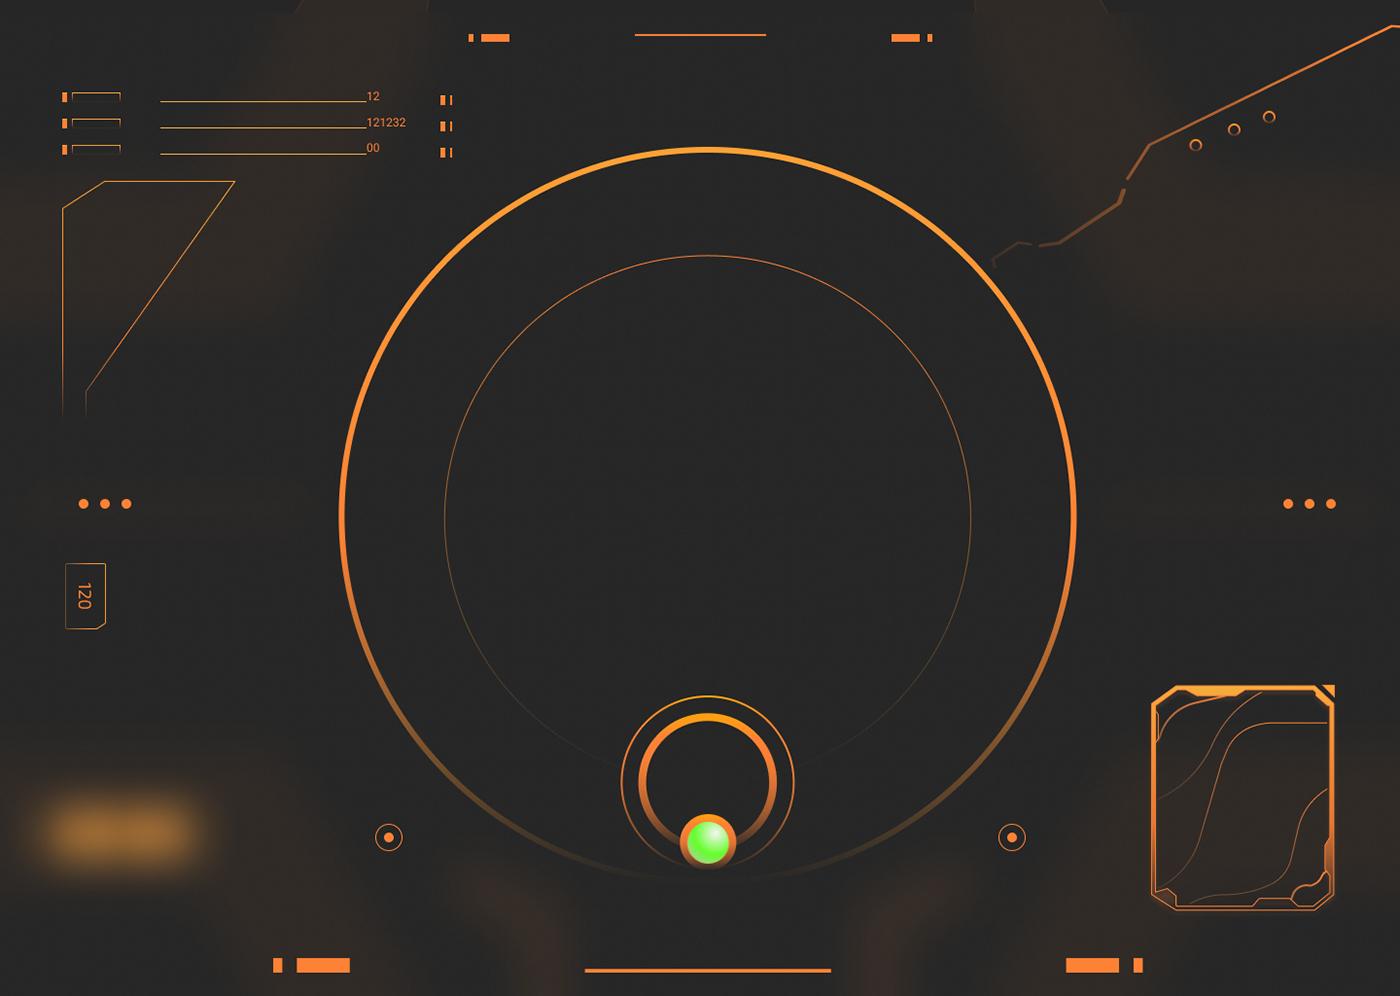 Image may contain: screenshot, abstract and circle